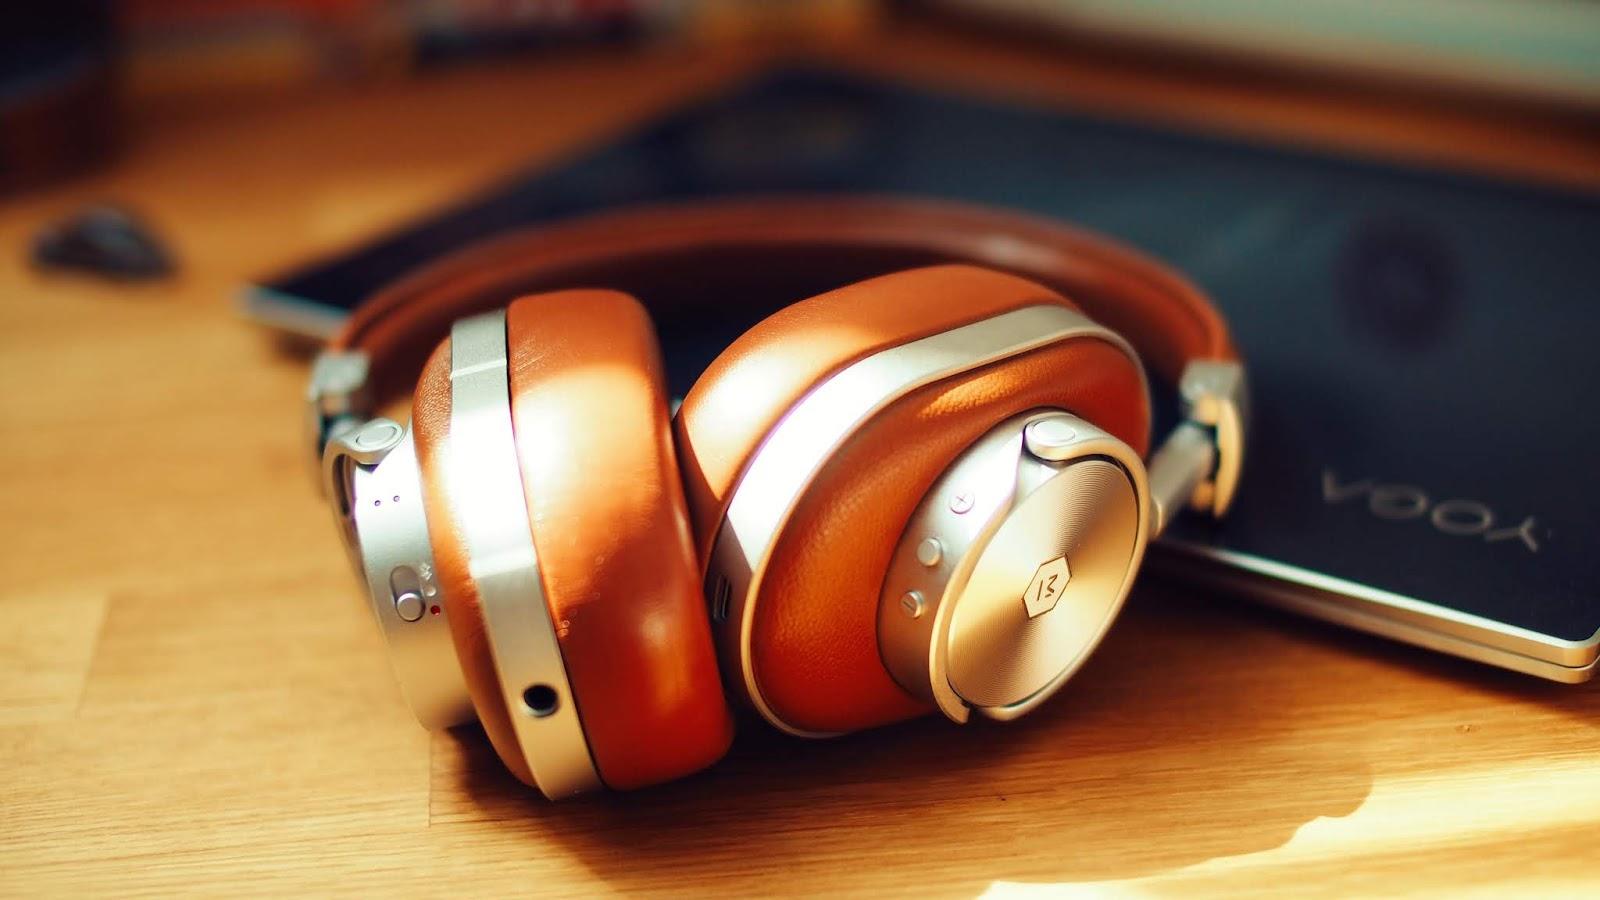 Master & Dynamic kommt nach Deutschland | Das MW60 Headphone der Extraklasse im Closer Look